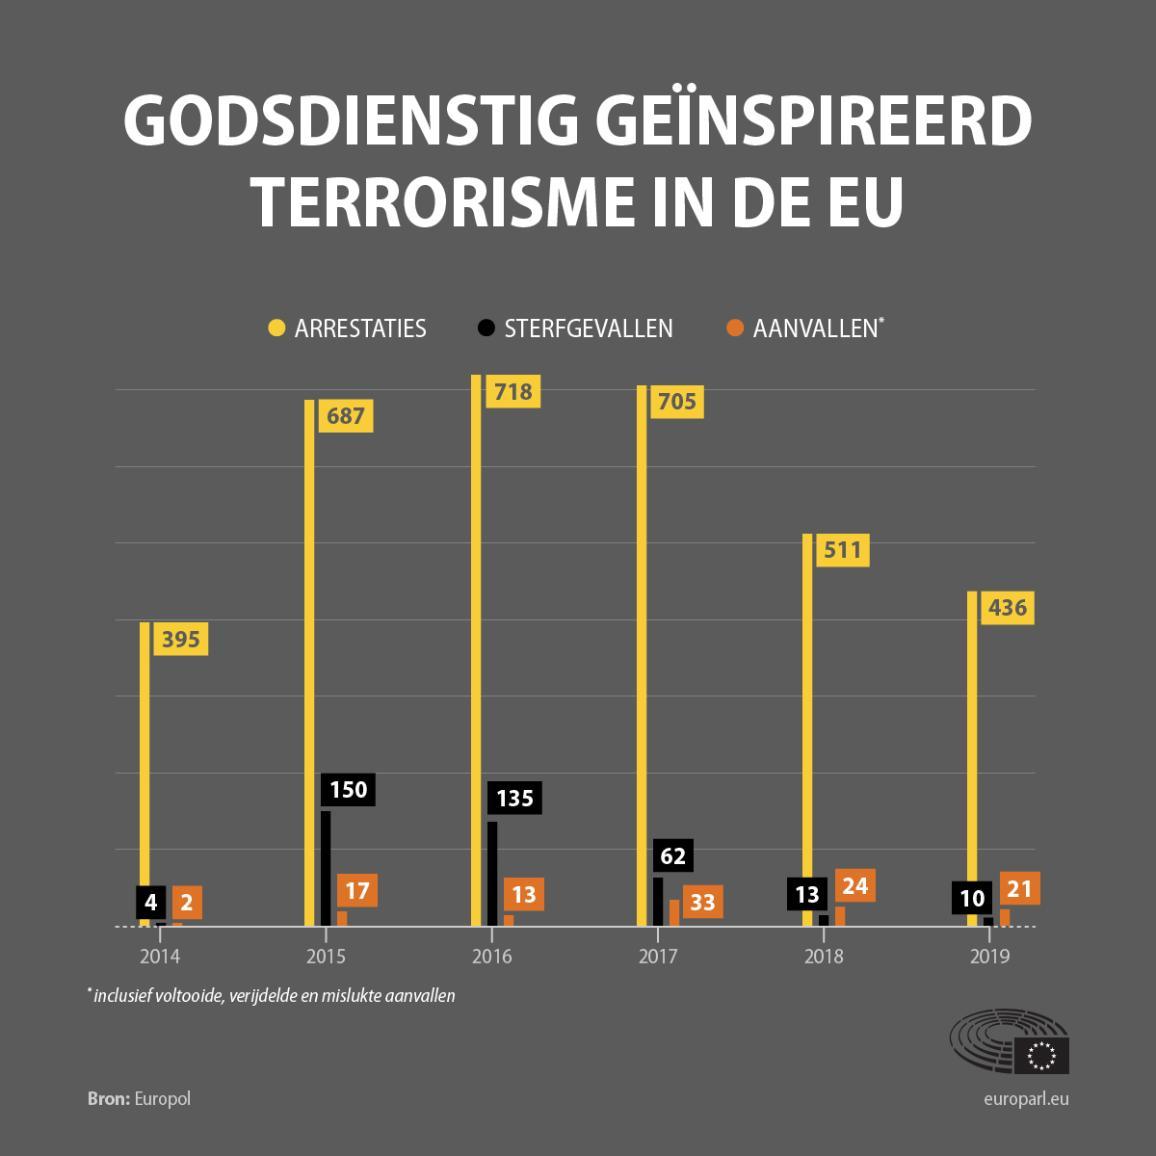 Jihadistisch terrorisme in de EU sinds 2014: aanvallen, sterfgevallen, arrestaties (Europol data)